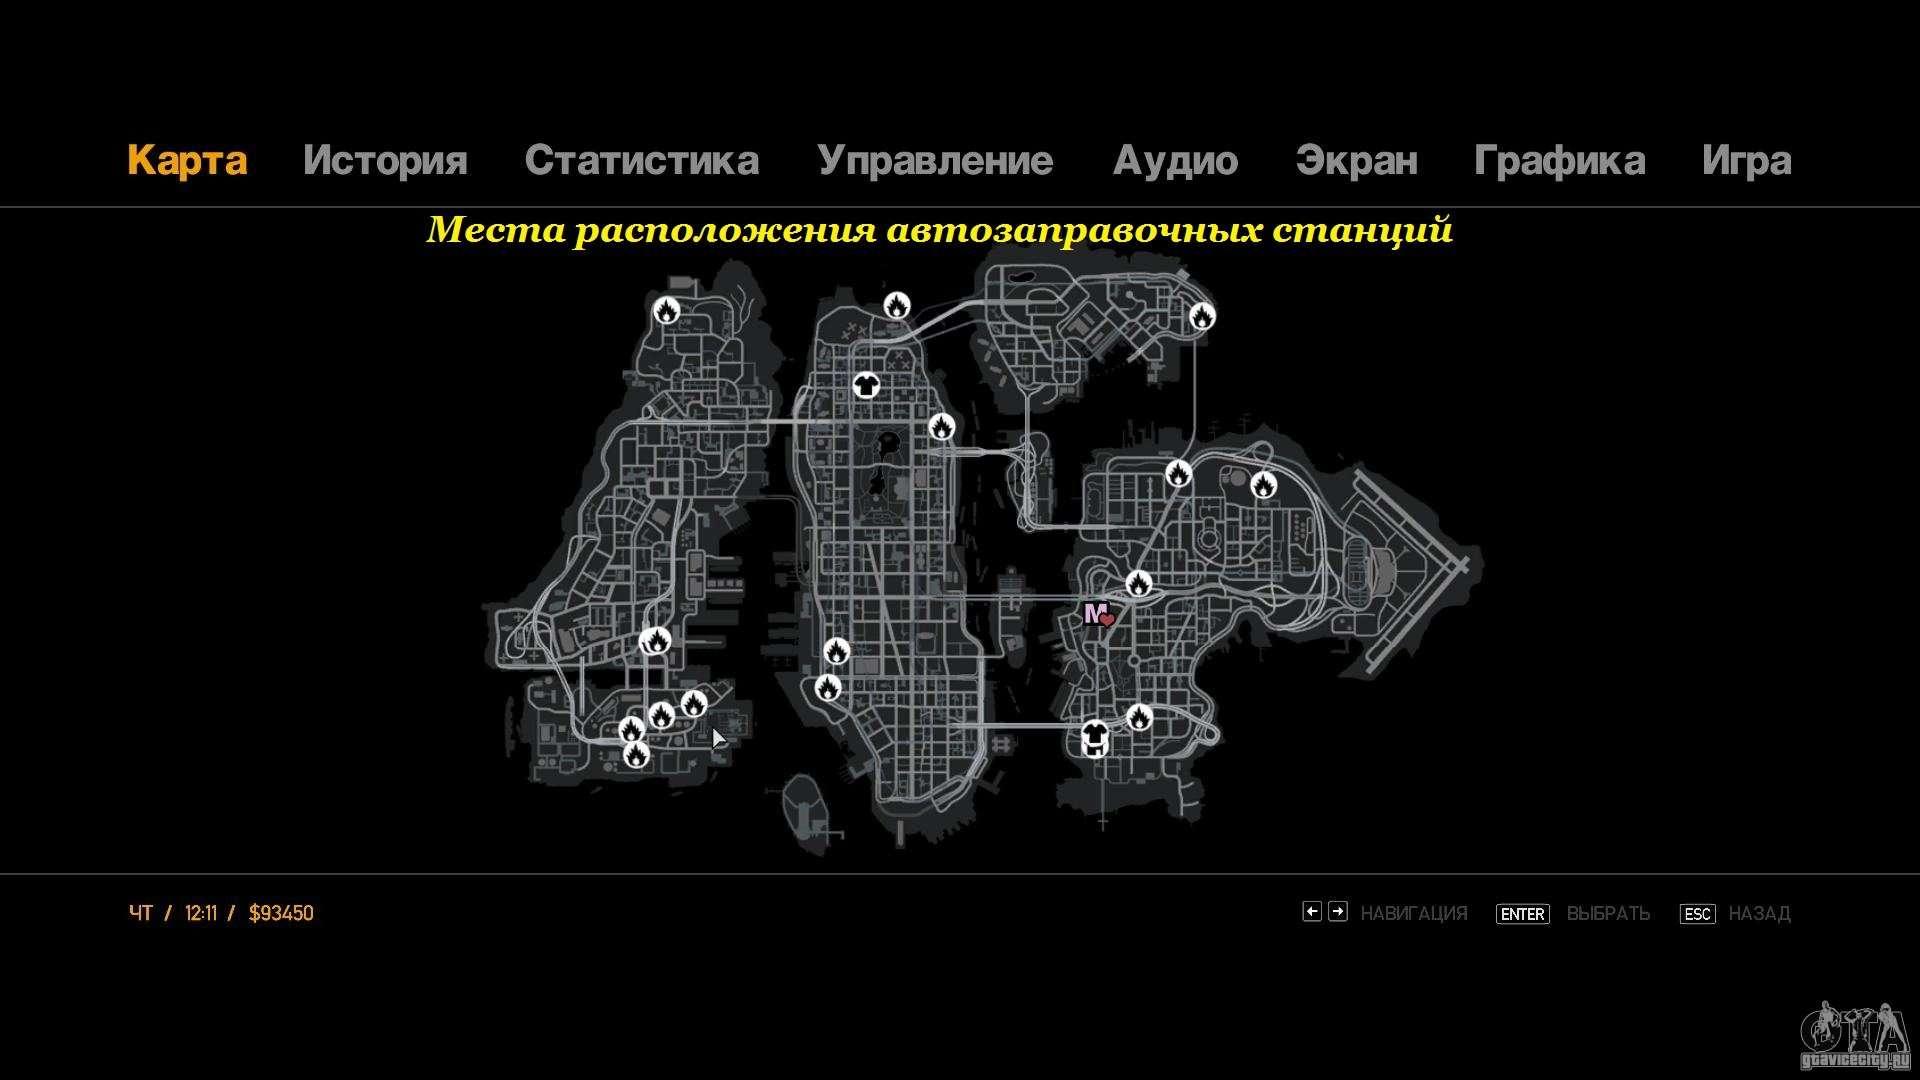 Иконка gta 4, бесплатные фото, обои ...: pictures11.ru/ikonka-gta-4.html